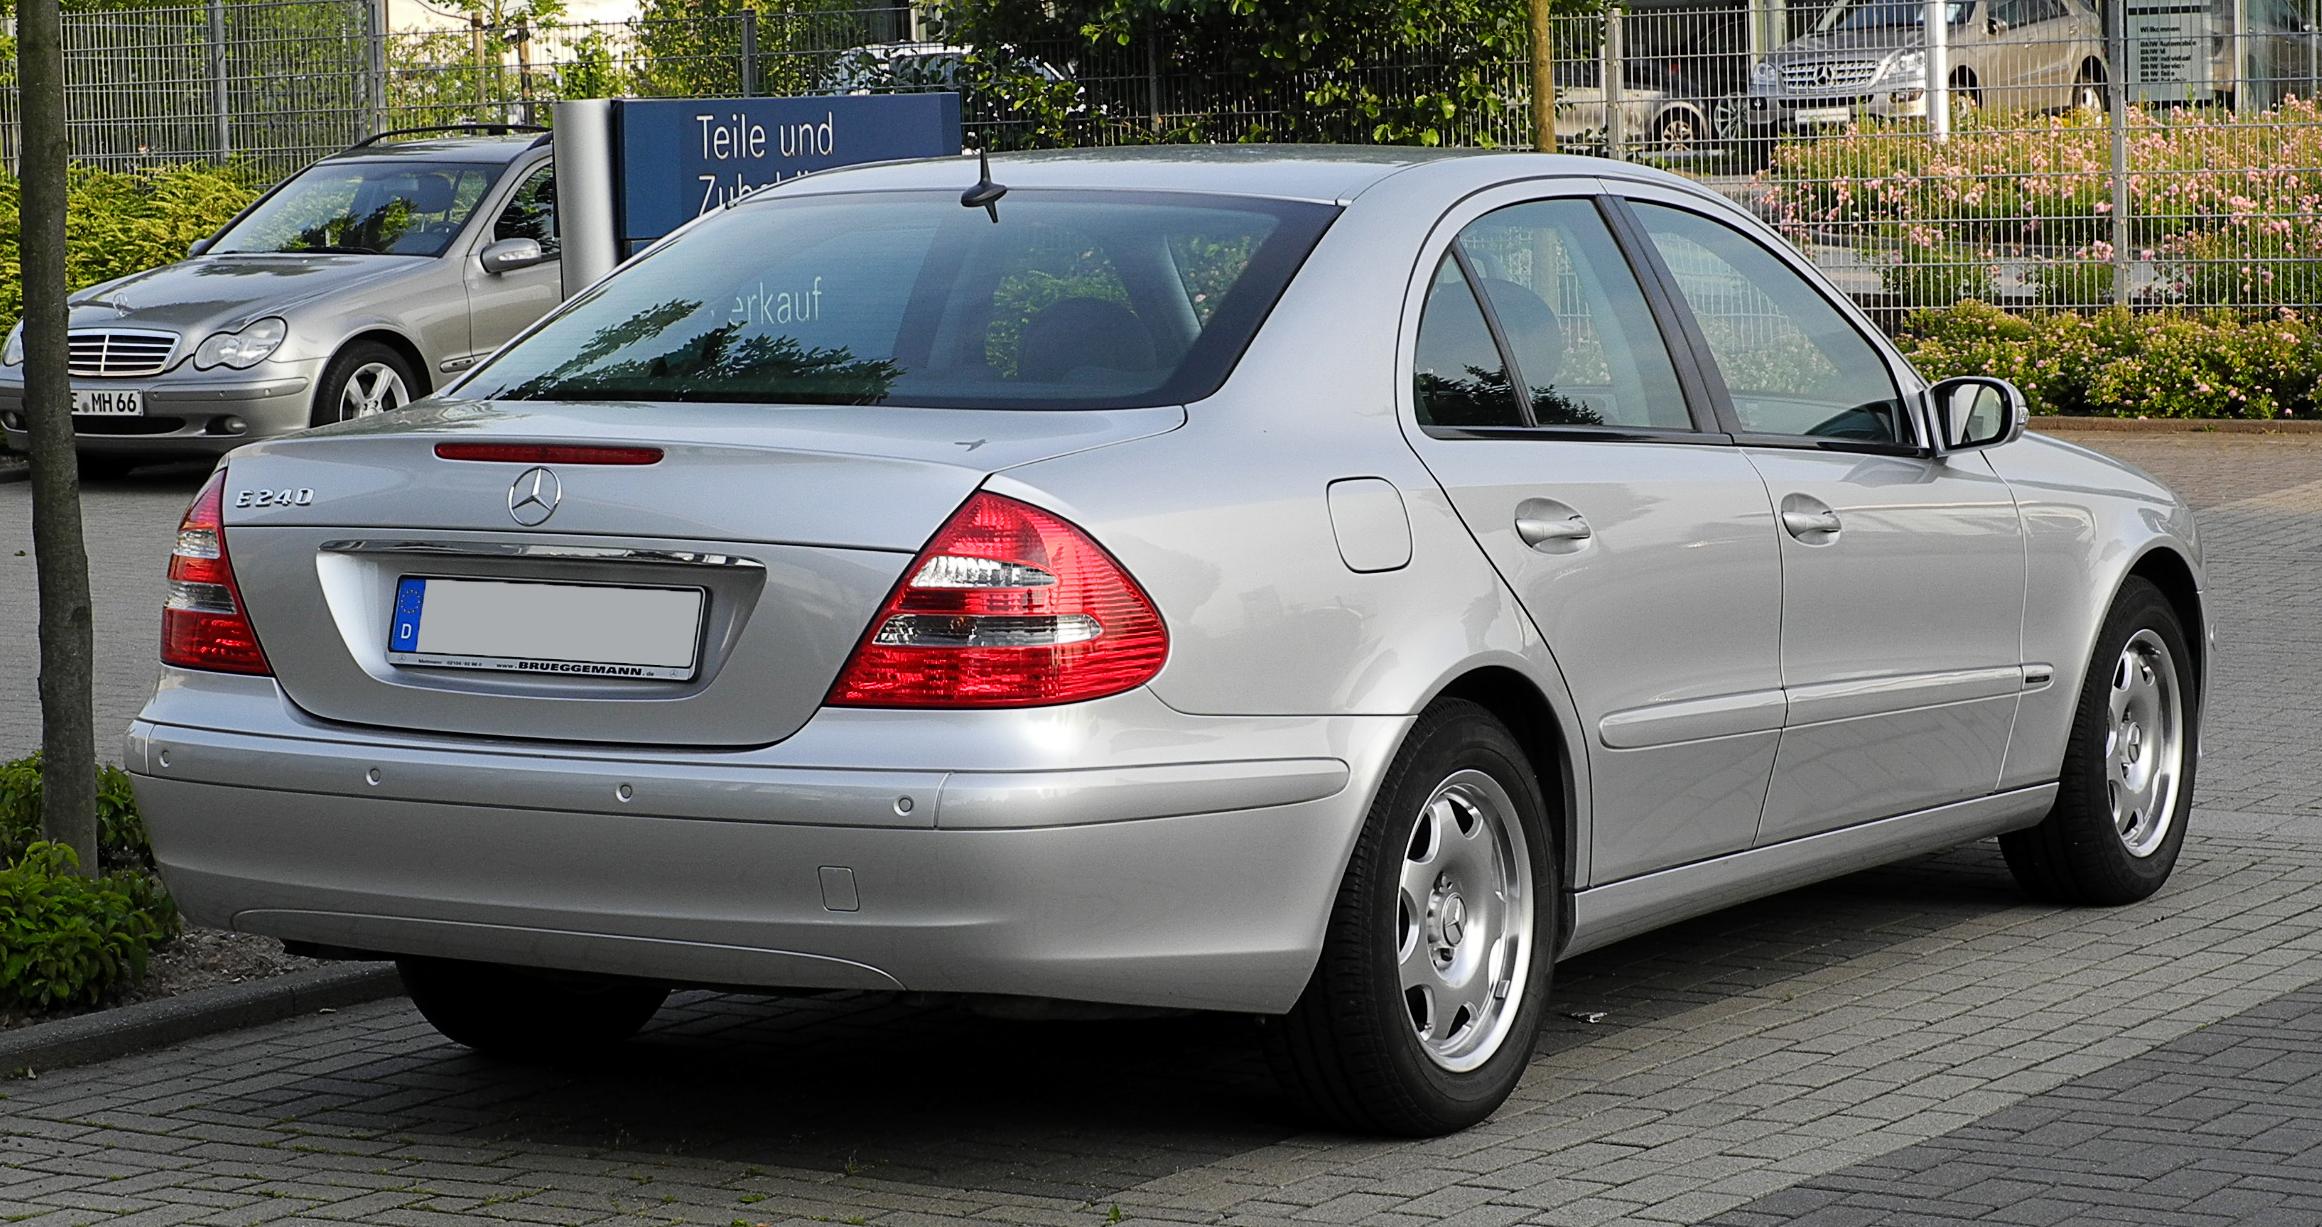 Mercedes benz e 240 user manual for Mercedes benz e350 manual